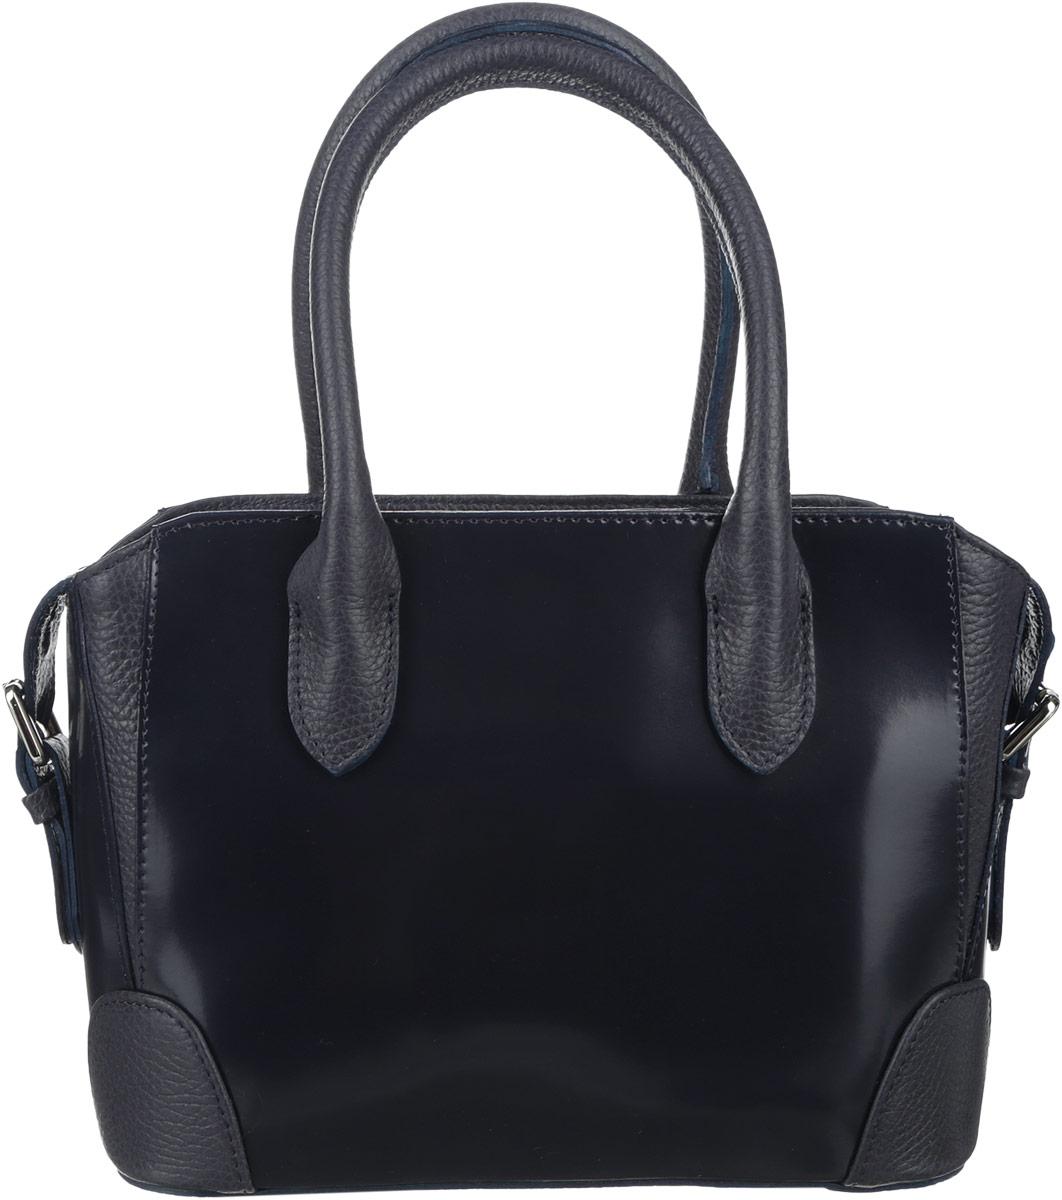 Сумка женская Afina, цвет: темно-синий. 158158Стильная сумка Afina выполнена из натуральной кожи с зернистой фактурой, дополнена вставками из лакированной кожи и металлической фурнитурой. Изделие содержит одно отделение, которое закрывается на молнию. Внутри расположены два накладных кармана, врезной карман, закрывающийся на молнию. Задняя сторона сумки дополнена врезным карманом на молнии. Изделие дополнено съемным плечевым ремнем регулируемой длины и двумя практичными ручками. Дно сумки оснащено металлическими ножками. Сумка Afina прекрасно дополнит образ и подчеркнет ваш неповторимый стиль.